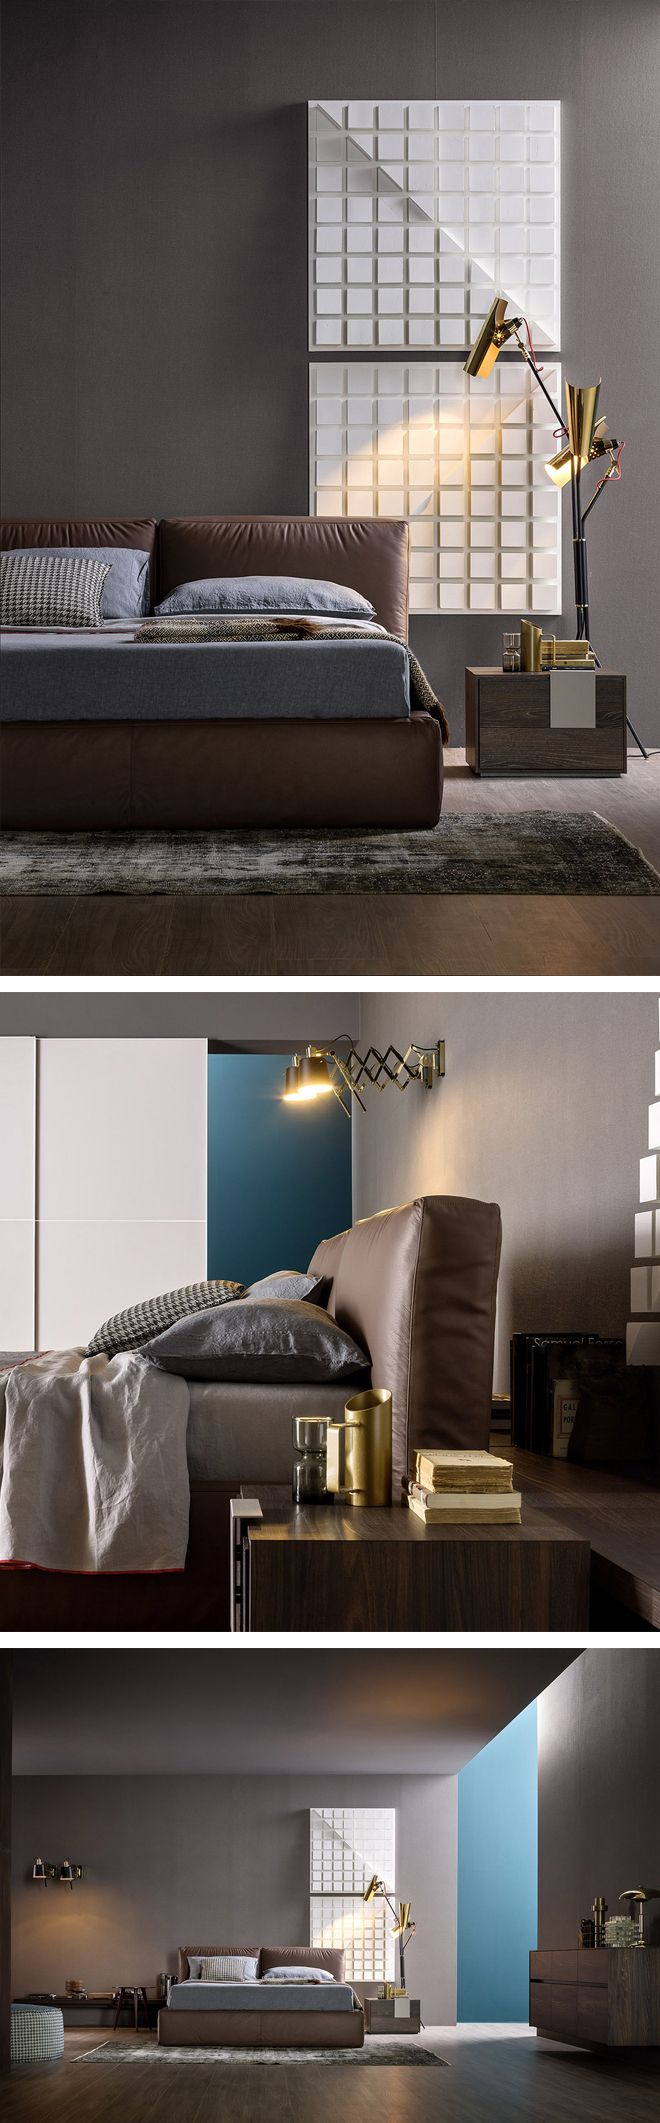 Das Novamobili Polsterbett Brick mit Bettkasten ist besonders bequem. #Bett #bed #Schlafzimmer #bedroom #Einrichtungsideen #inspiration #interiordesign #interiordecorating #home #wohnen #einrichten #modern #minimalistisch #Livarea #wohntrend #Trend #Novamobili #Designmöbel #Designbett #Polsterbett